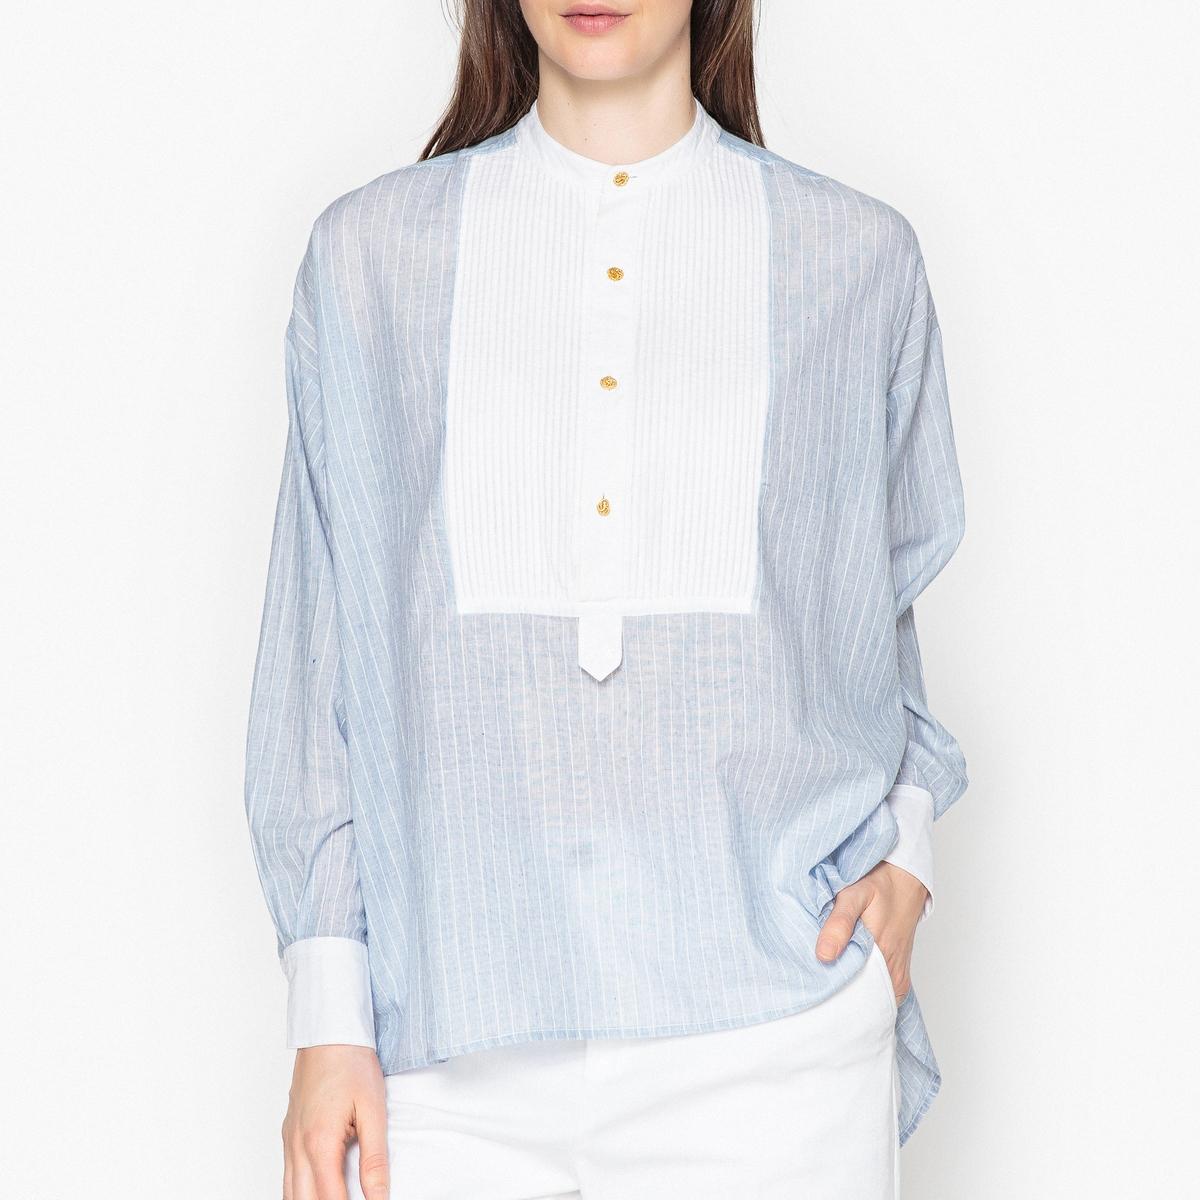 Блузка с галстуком-бантом и длинными рукавами PILLARОписание:Блузка в полоску с длинными рукавами LAURENCE BRAS - модель PILLAR. Форма рубашки из тонкой ткани в полоску, плиссированная манишка под вырезом. Пуговицы золотистого цвета.Манжеты контрастного белого цвета с застежкой на 1 пуговицу золотистого цвета. Длиннее сзади.Детали •  Длинные рукава •  Прямой покрой •  Галстук-бантСостав и уход •  100% хлопок •  Следуйте рекомендациям по уходу, указанным на этикетке изделия<br><br>Цвет: синий/ белый<br>Размер: XS